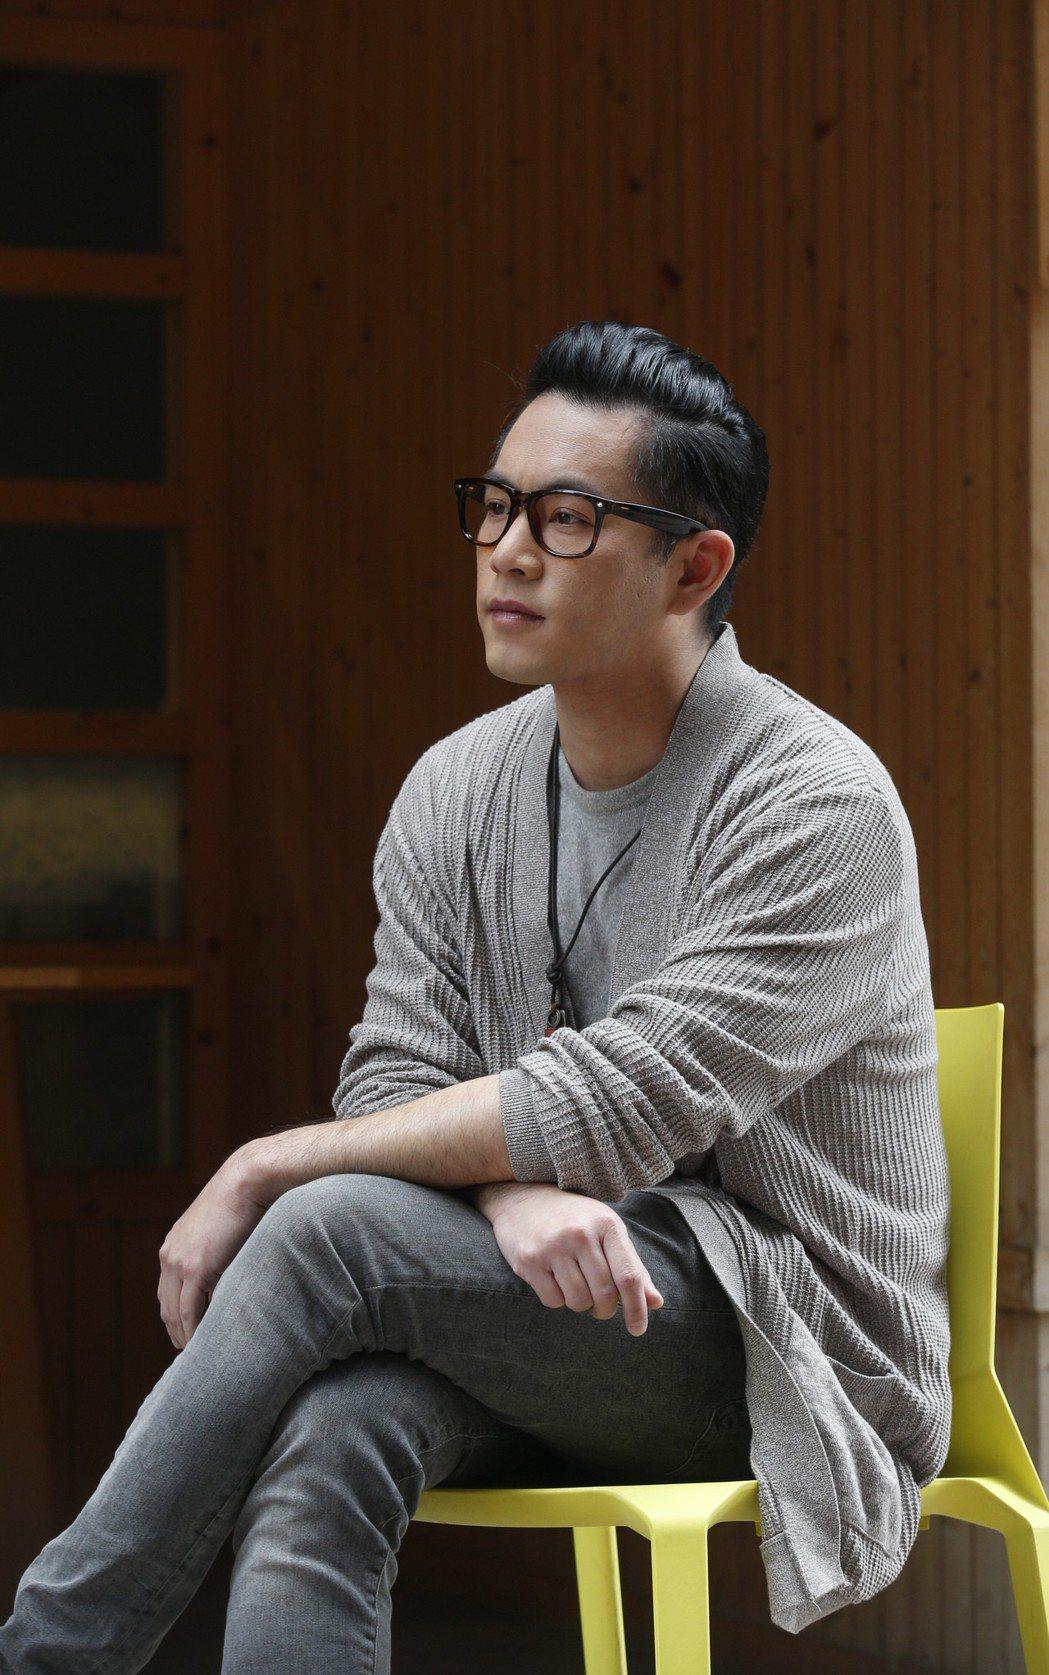 Junior韓宜邦對於表演方式有自己的想法。記者鄭超文/攝影